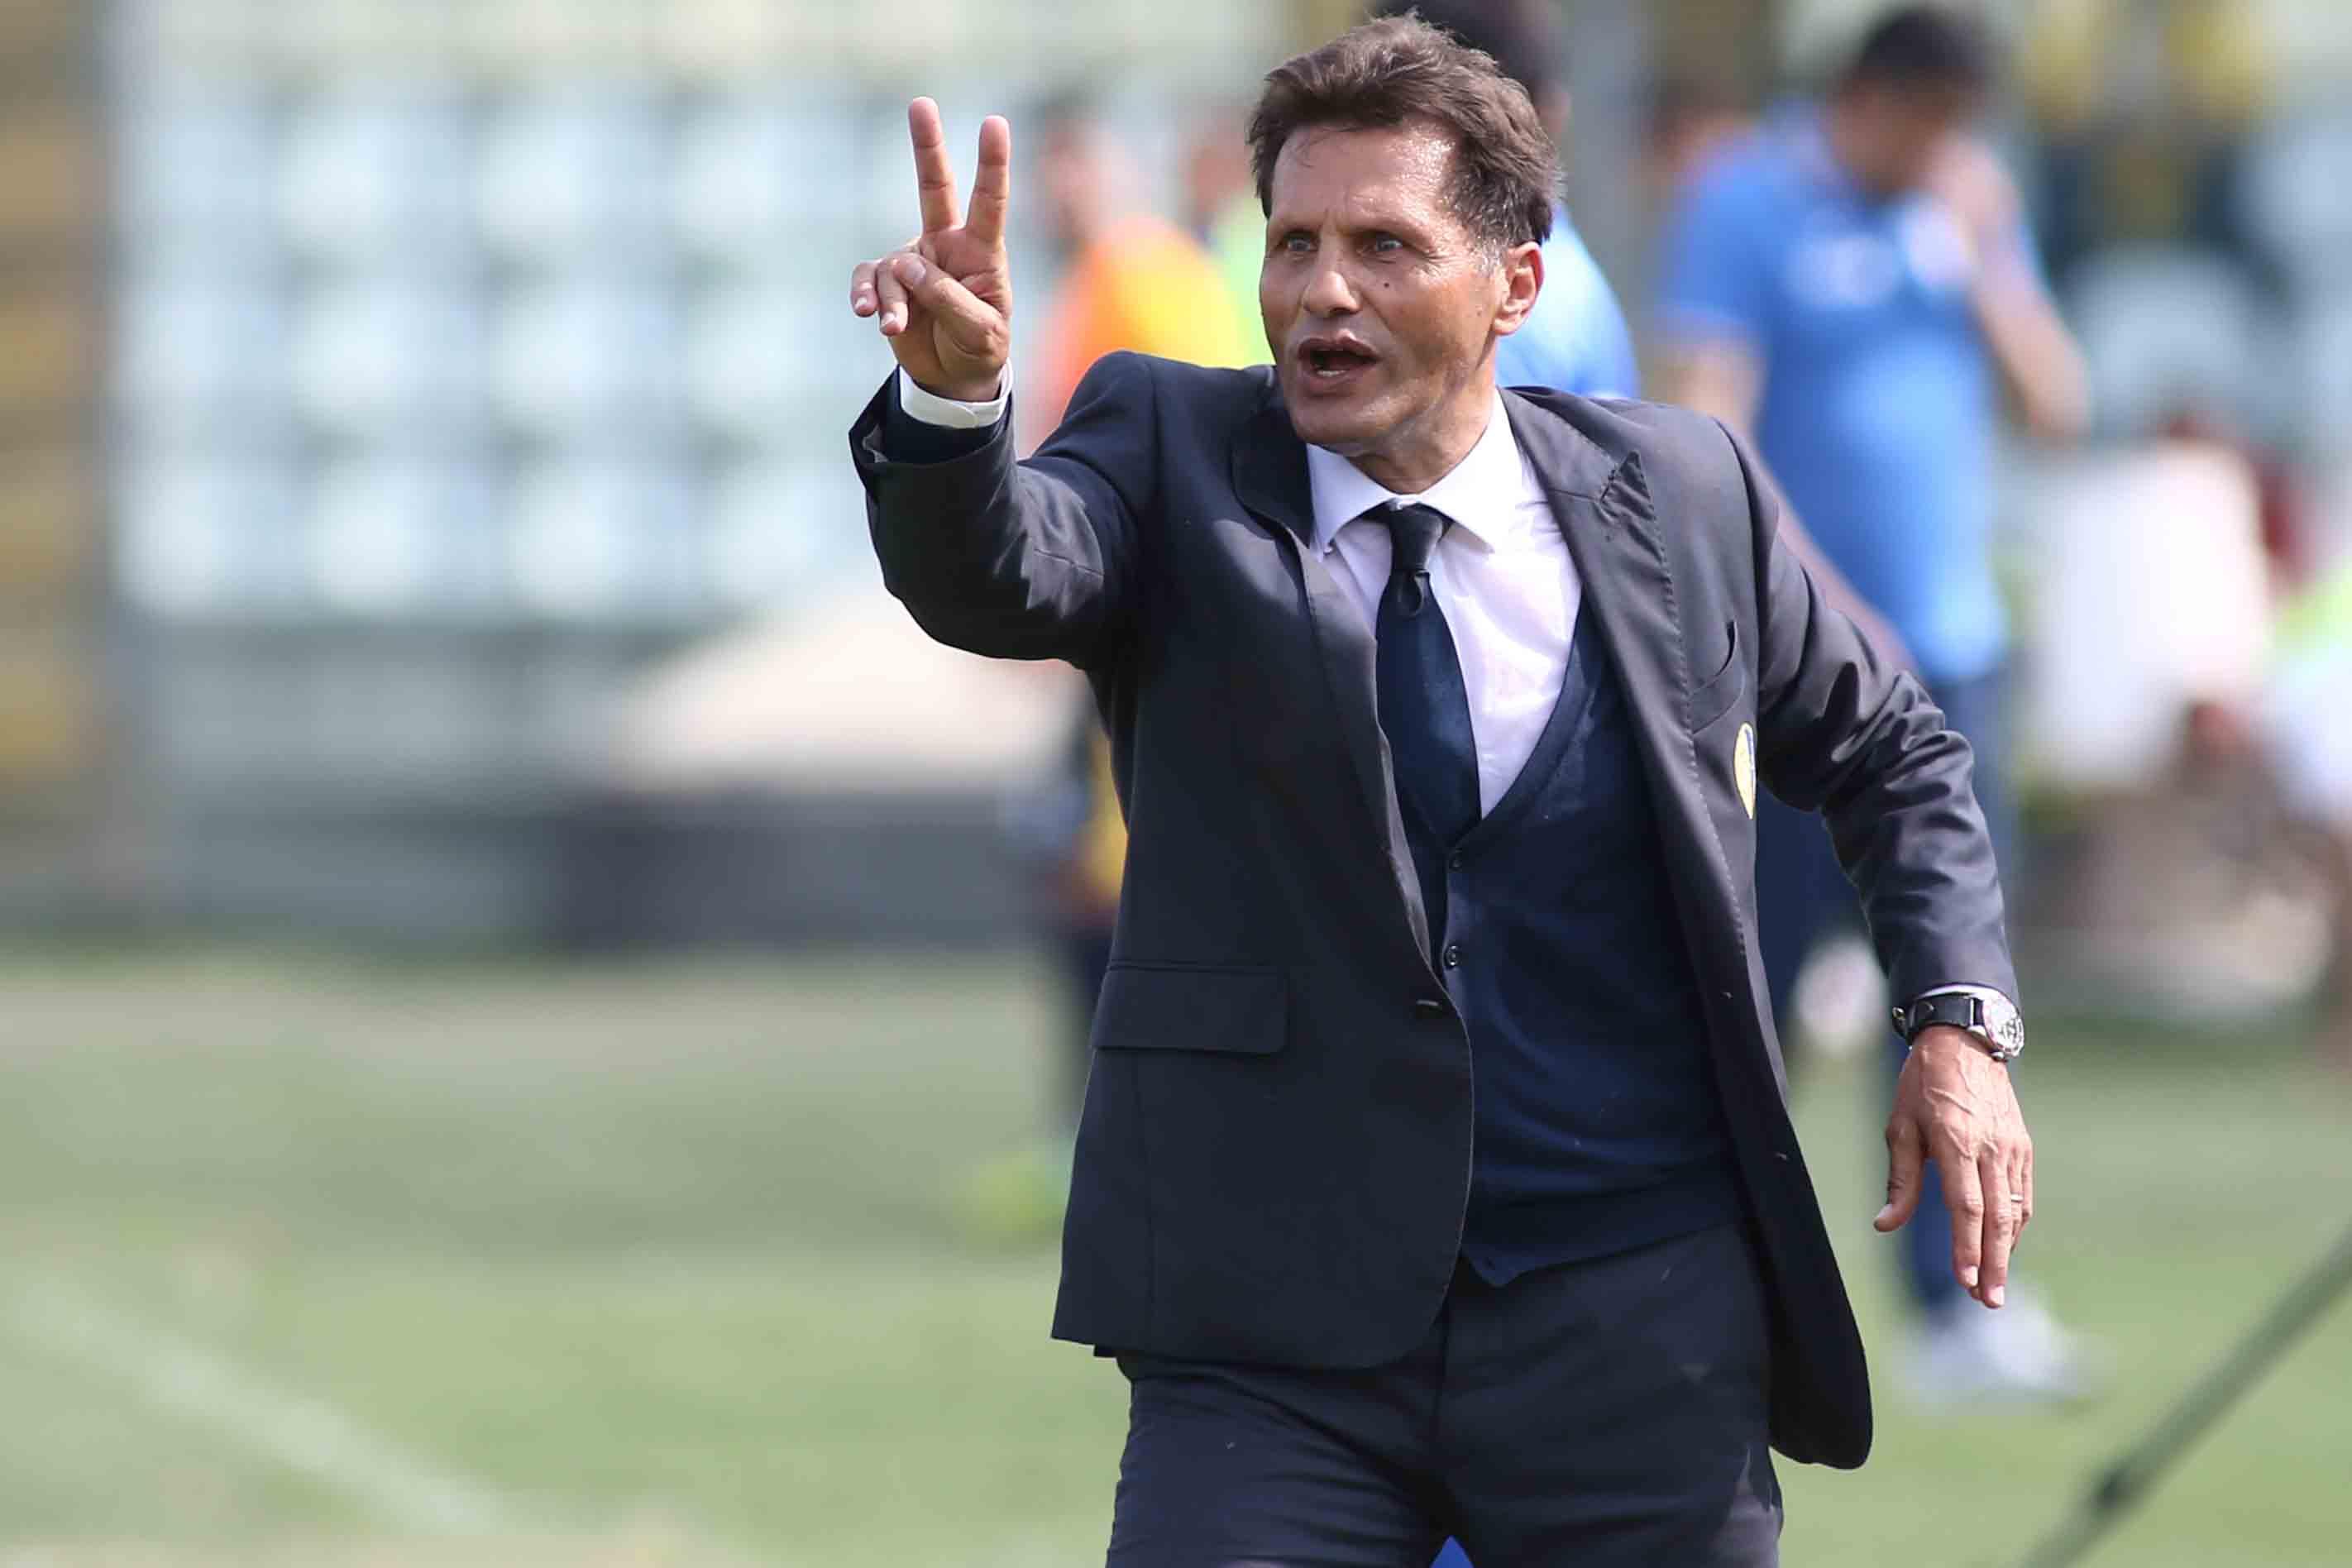 Il tecnico del Modena Novellino a rischio esonero dopo la sconfitta a Perugia